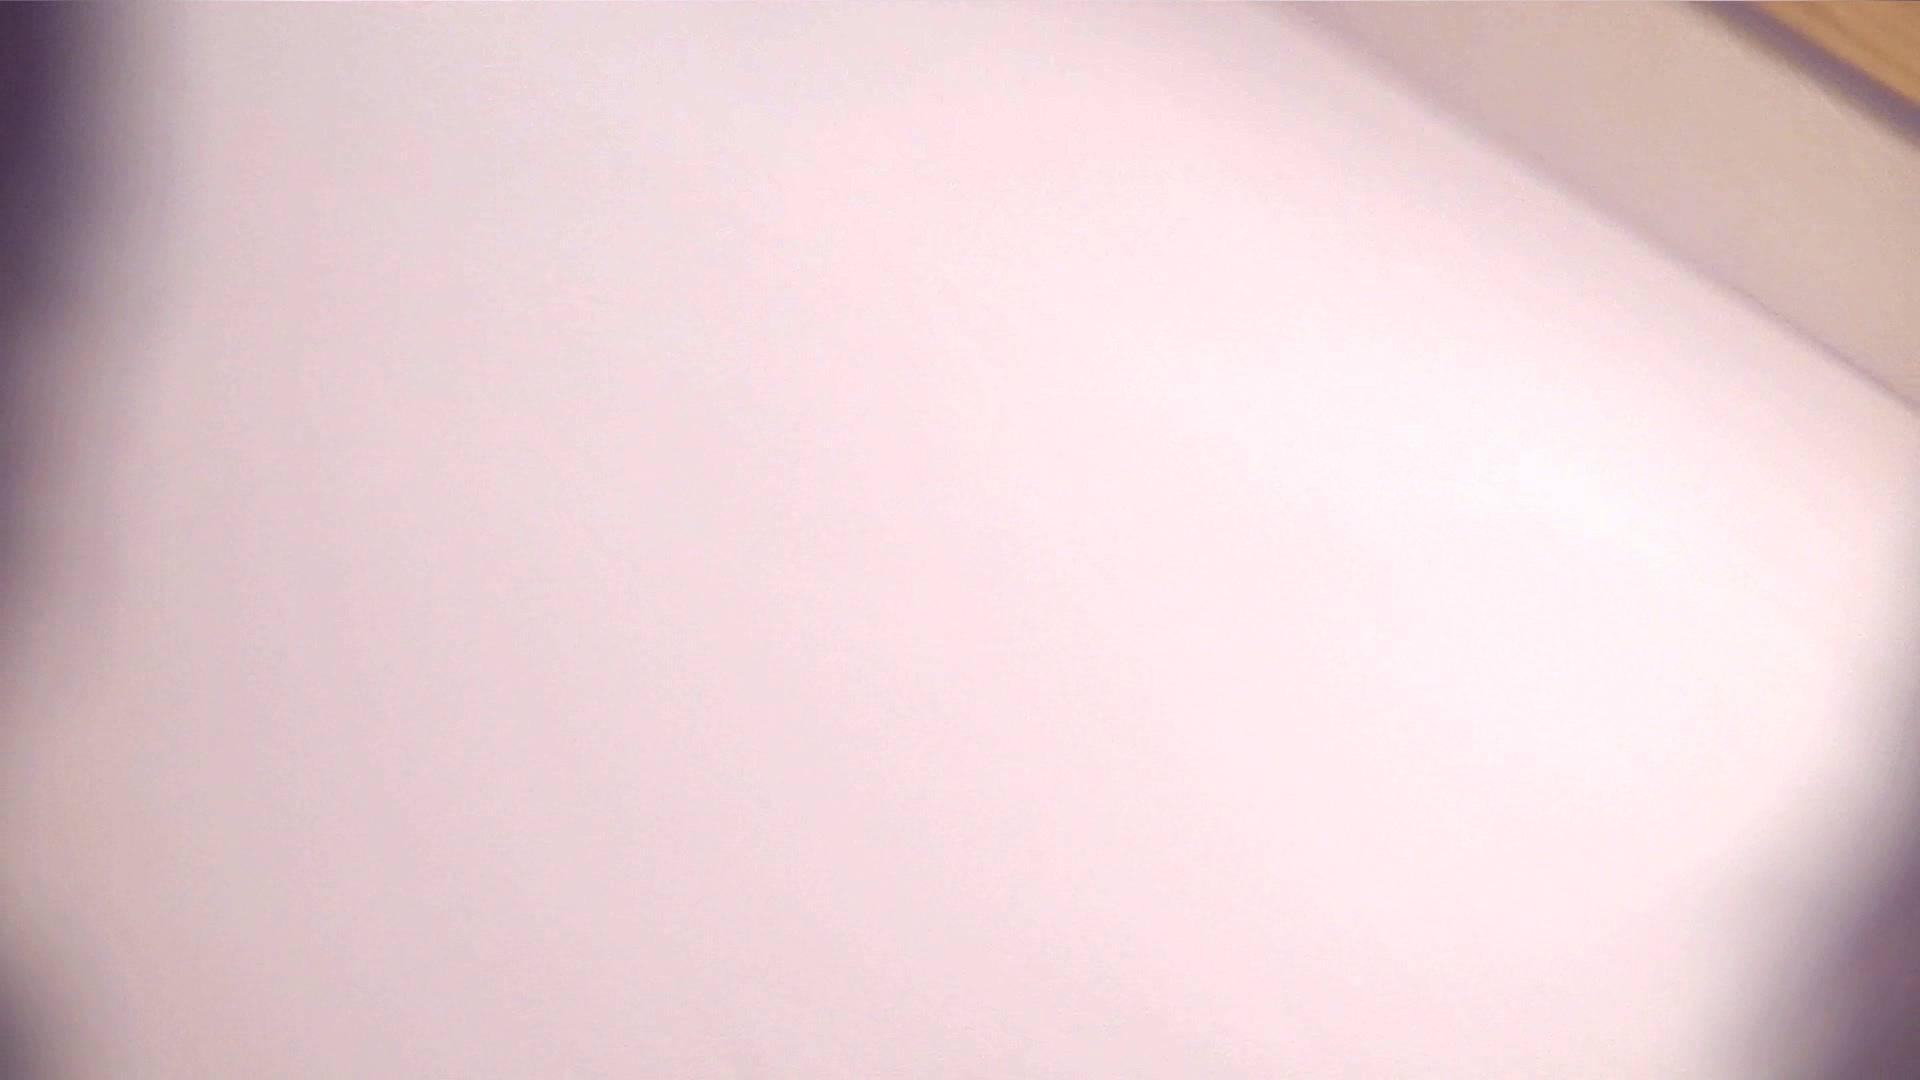 阿国ちゃんの「和式洋式七変化」No.9 和式 | 洗面所  42pic 5